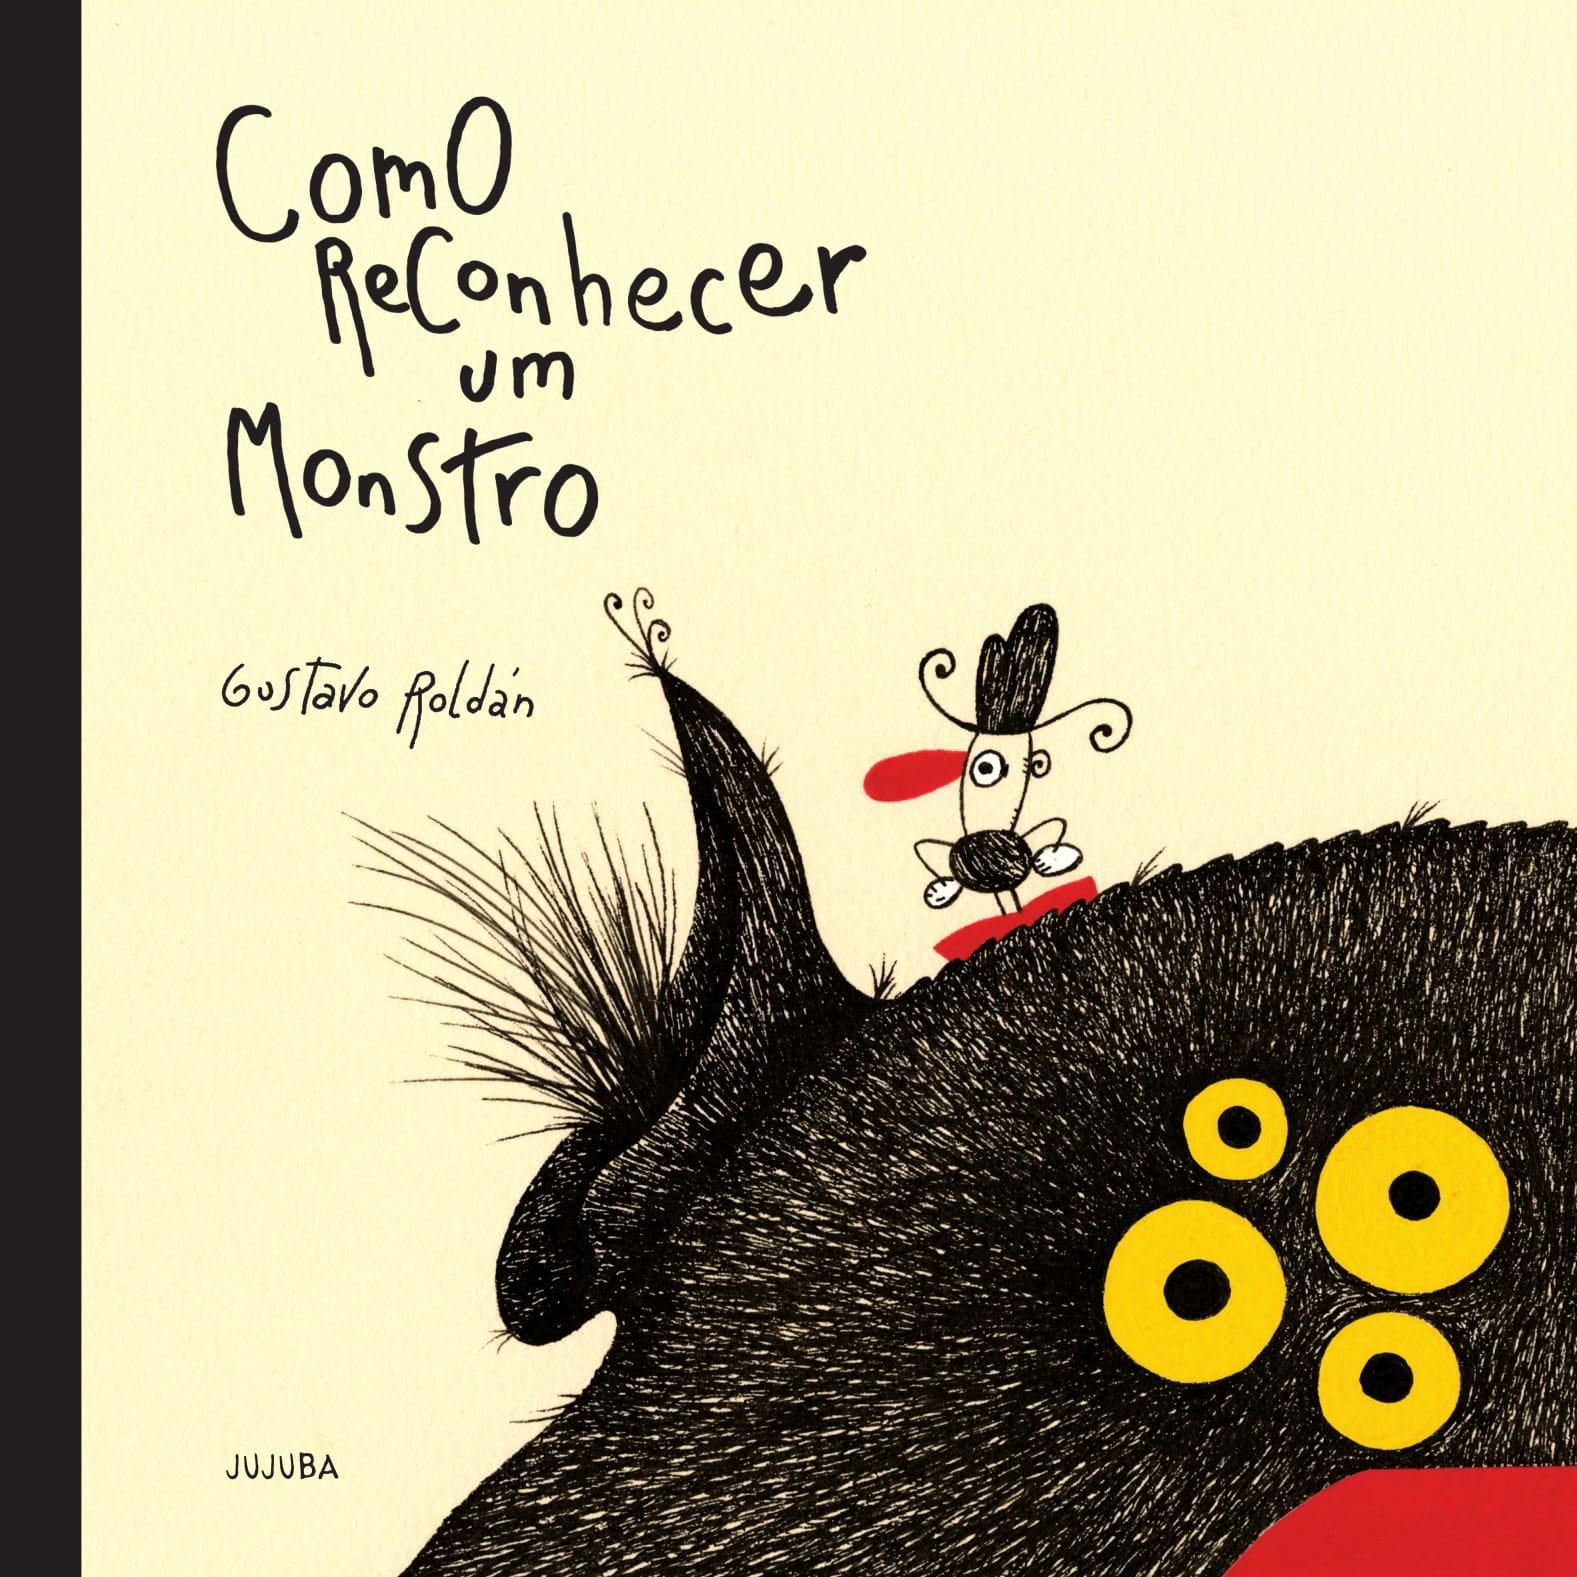 Como reconhecer um monstro, livro de Gustavo Roldán